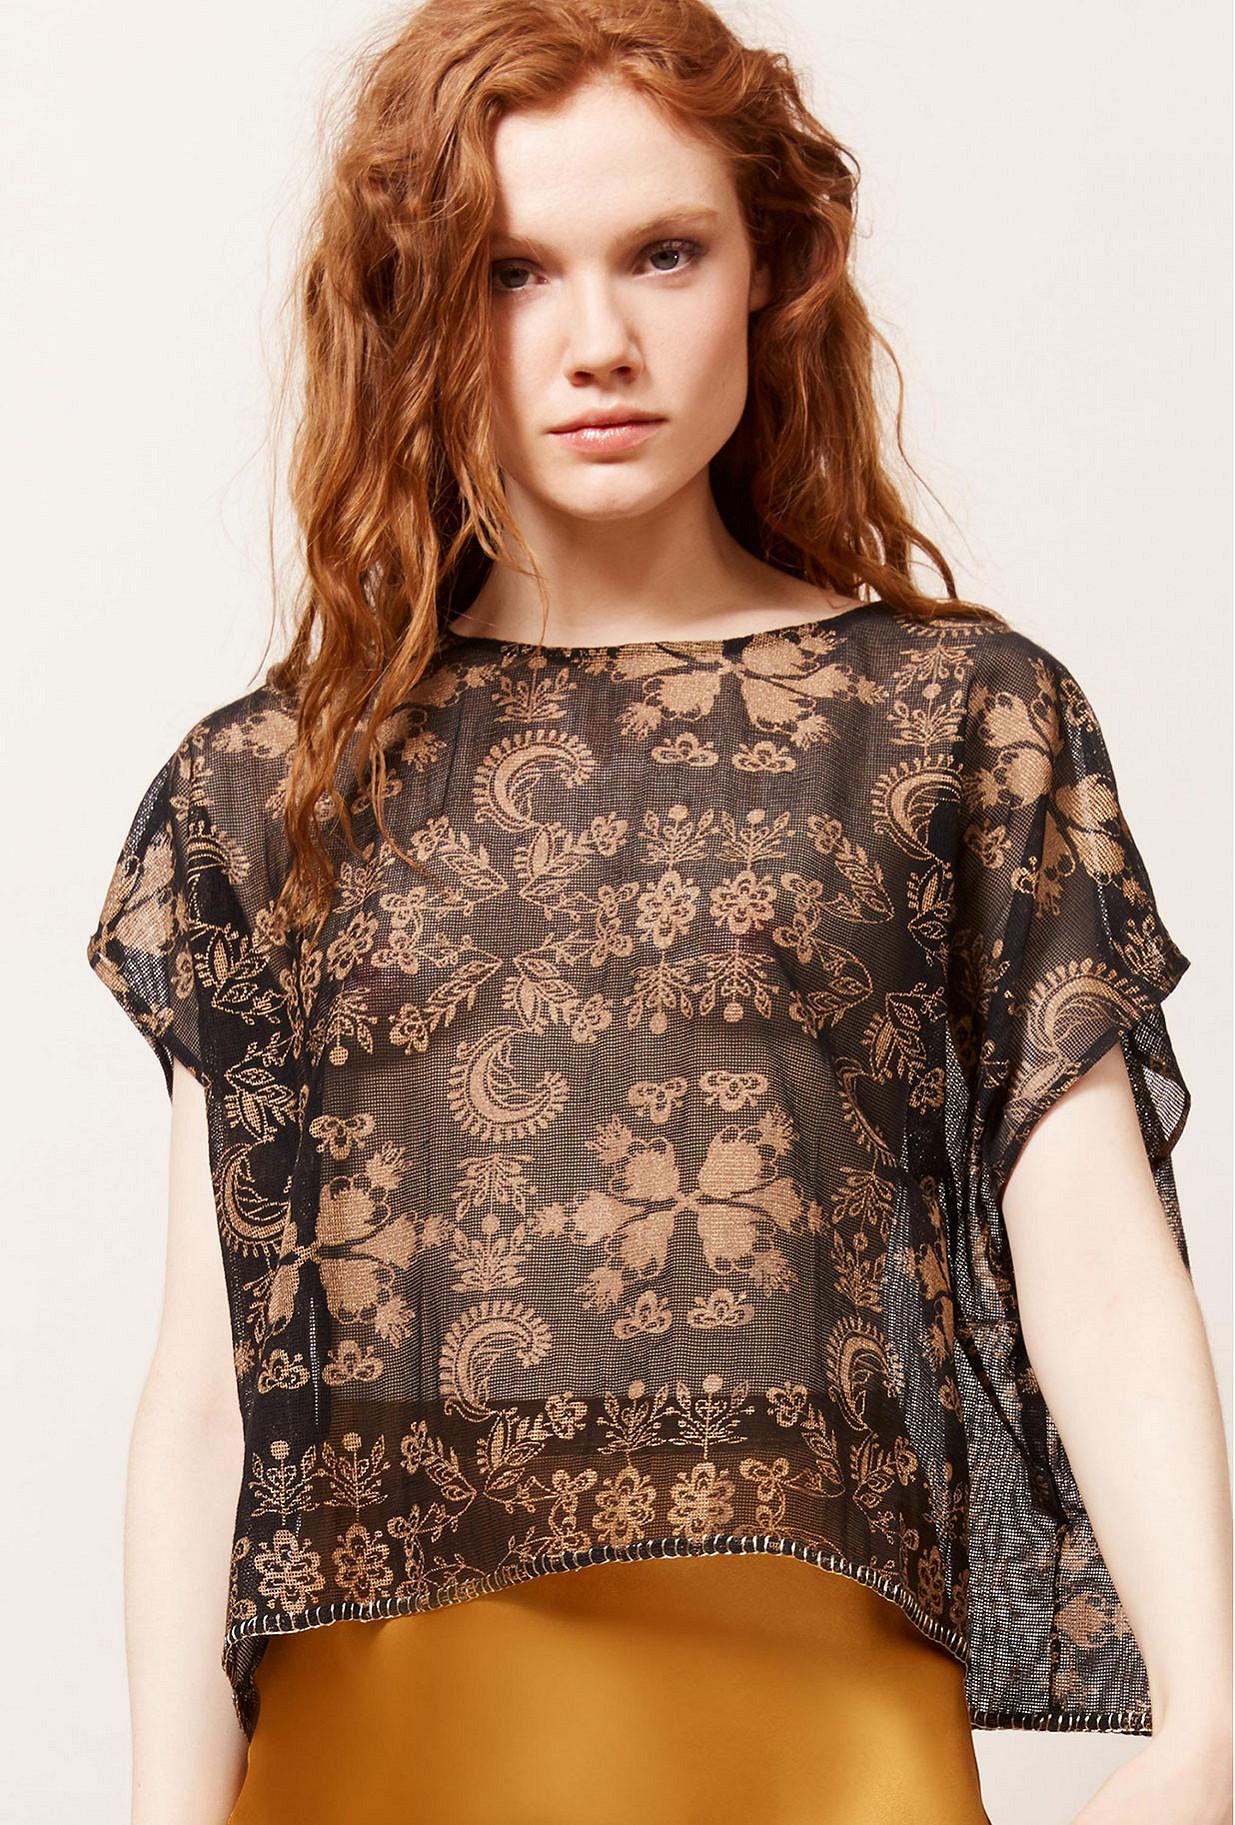 Paris boutique de mode vêtement Top créateur bohème  Attila